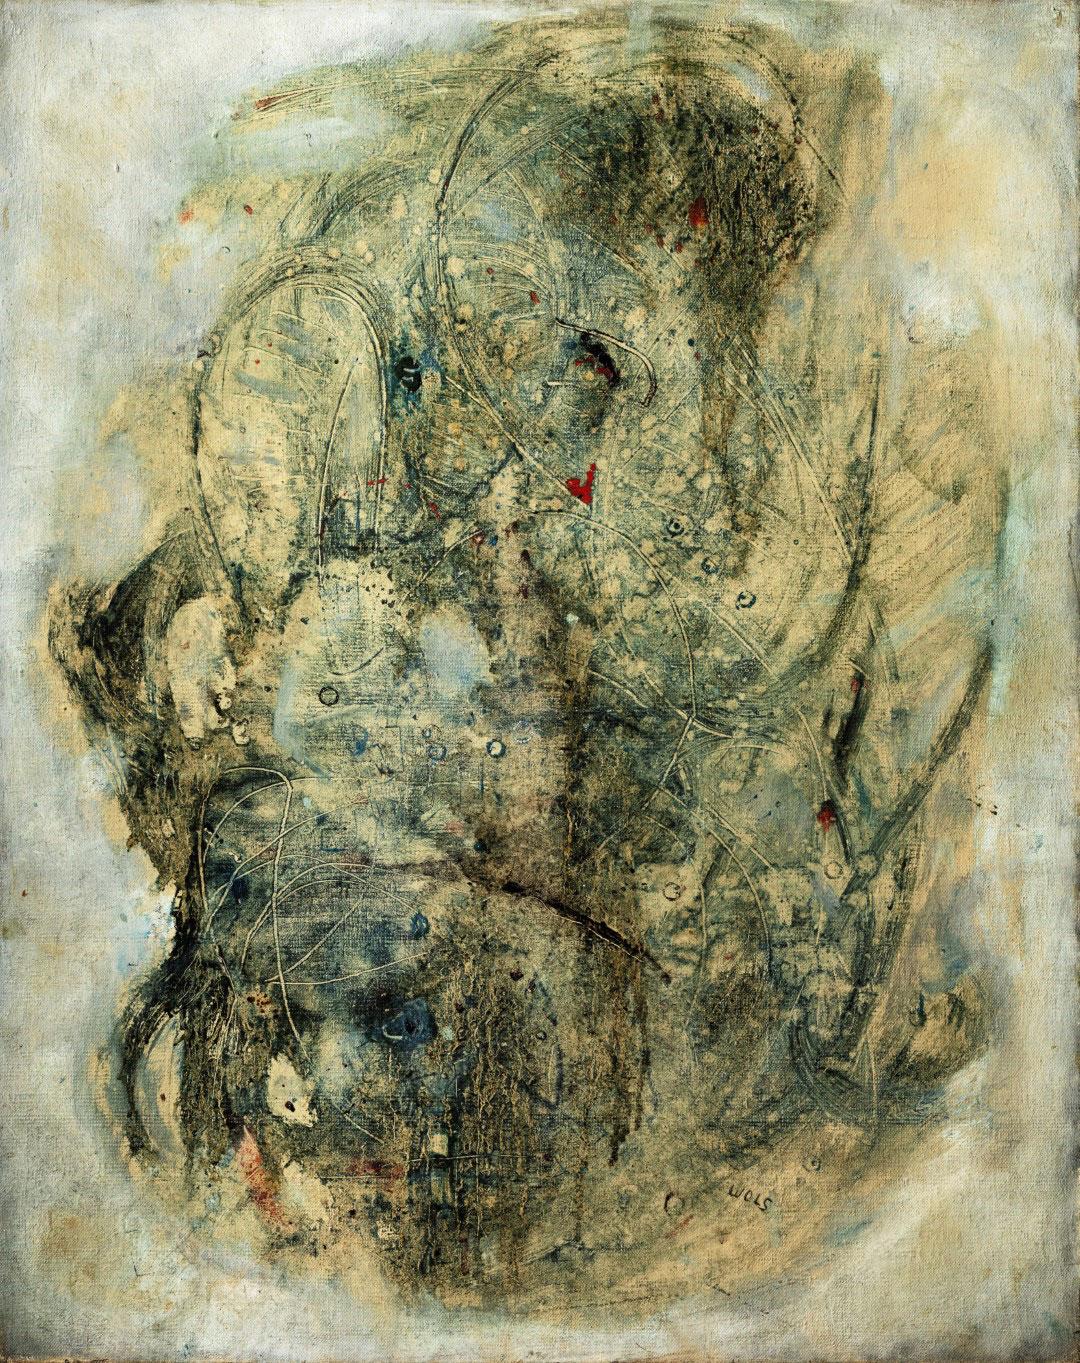 Lot-113,-Wols,-La-Turquoise,-1947,-est_-£1_2-1_8-million.jpg